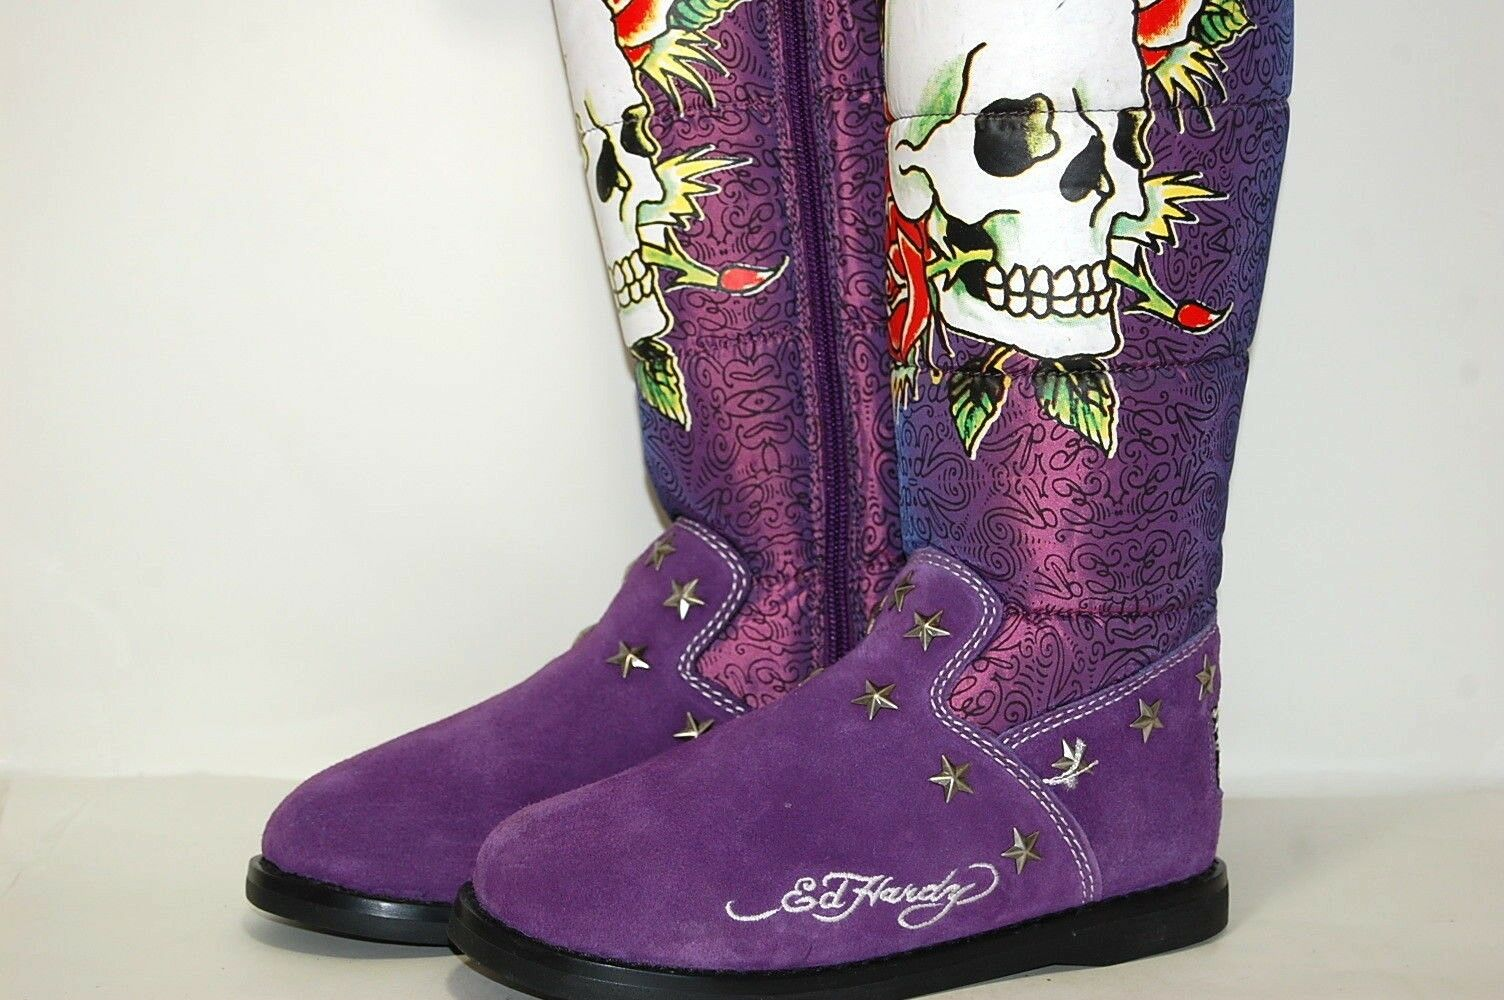 Ed Hardy Snowblazer Nylon Purple 18FSZ305W Damens Stiefel